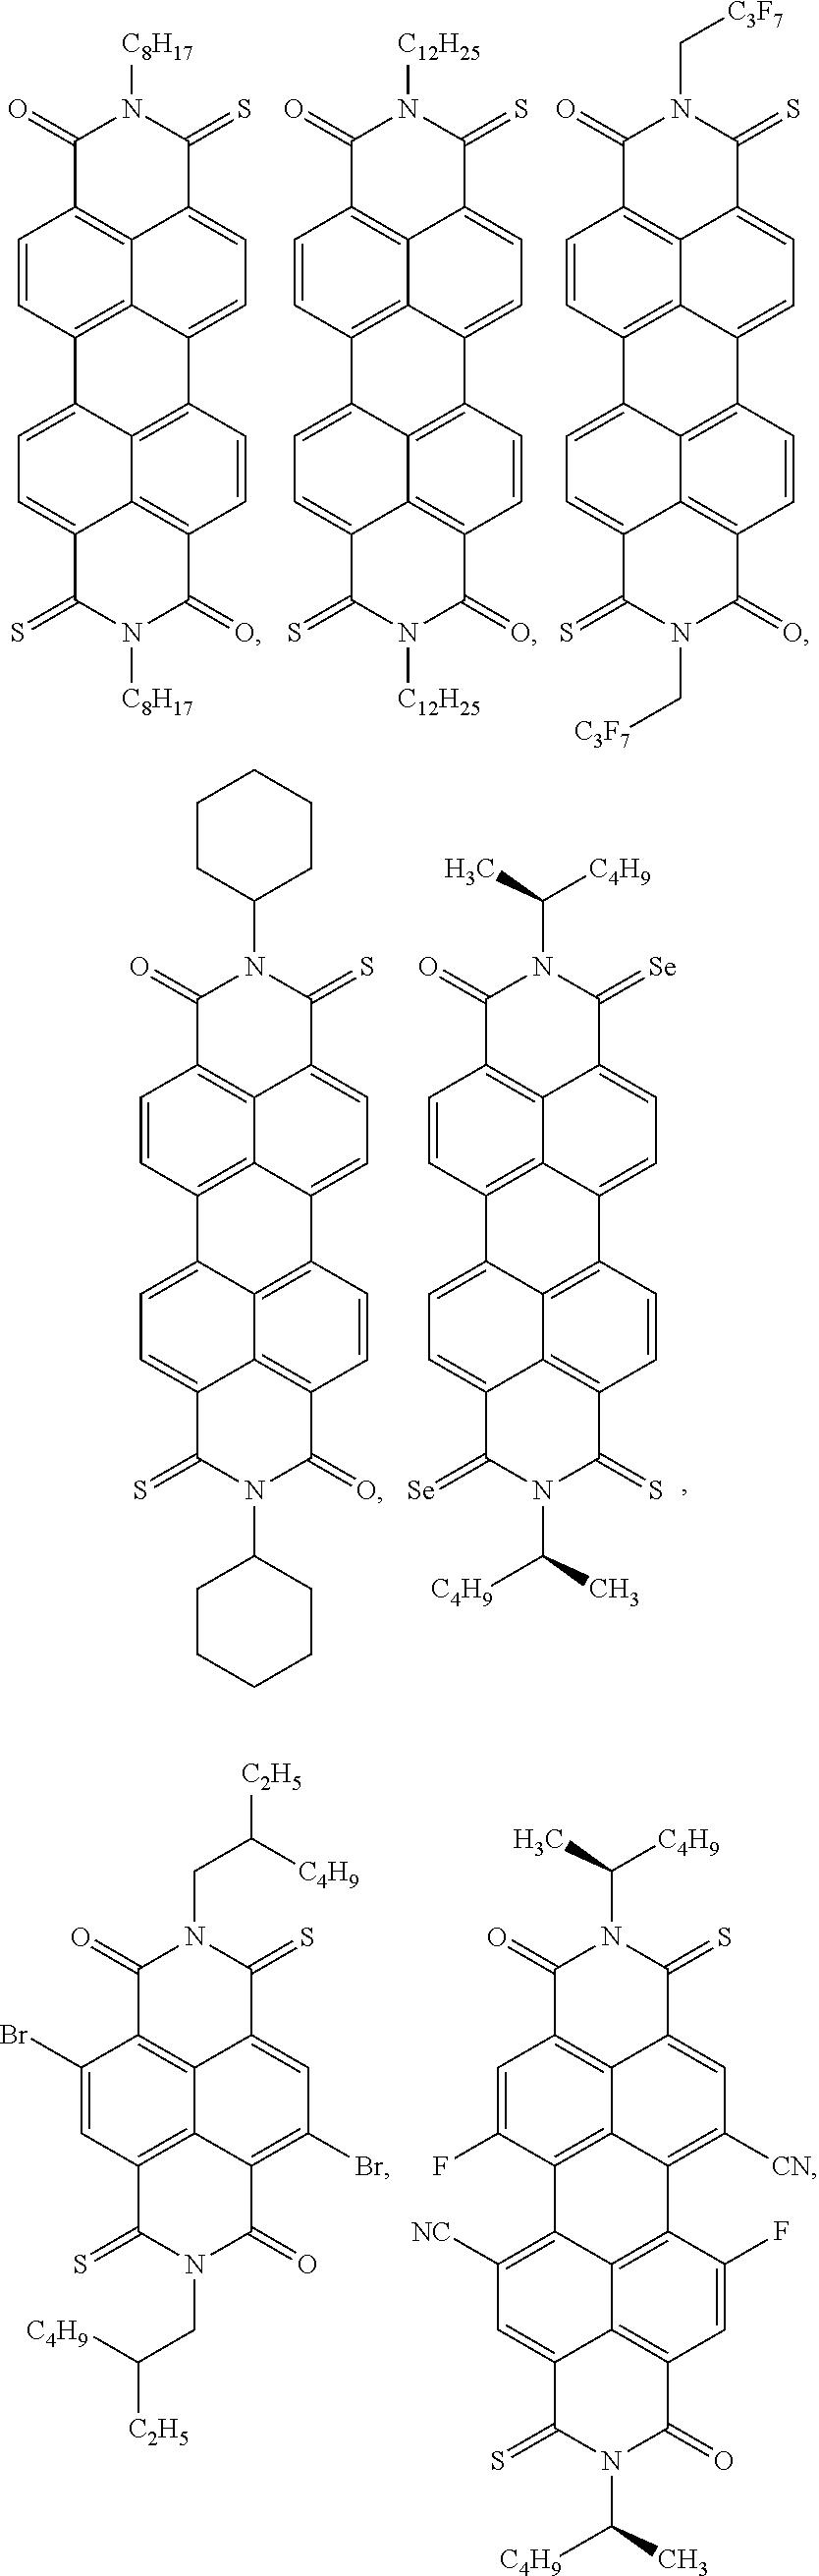 Figure US08440828-20130514-C00049